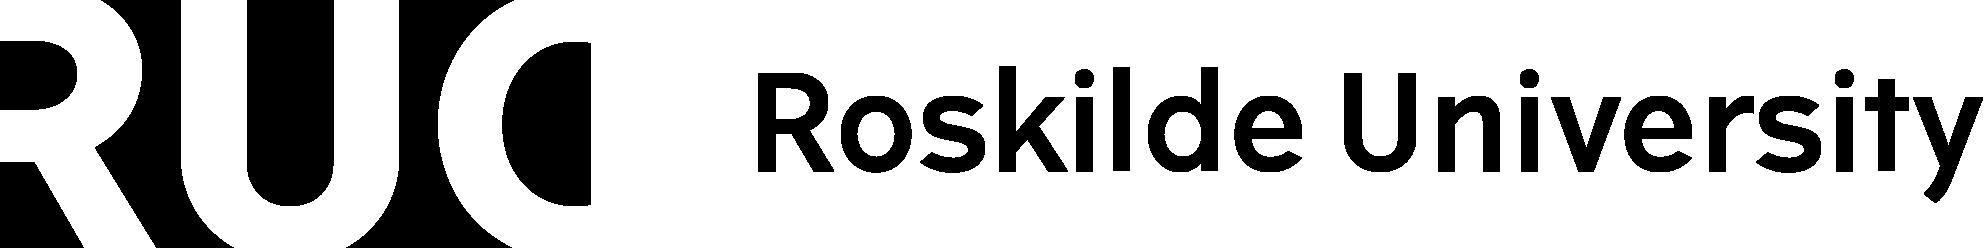 RUC_ROSKILDE_UNIVERSITY_BLACK_CMYK